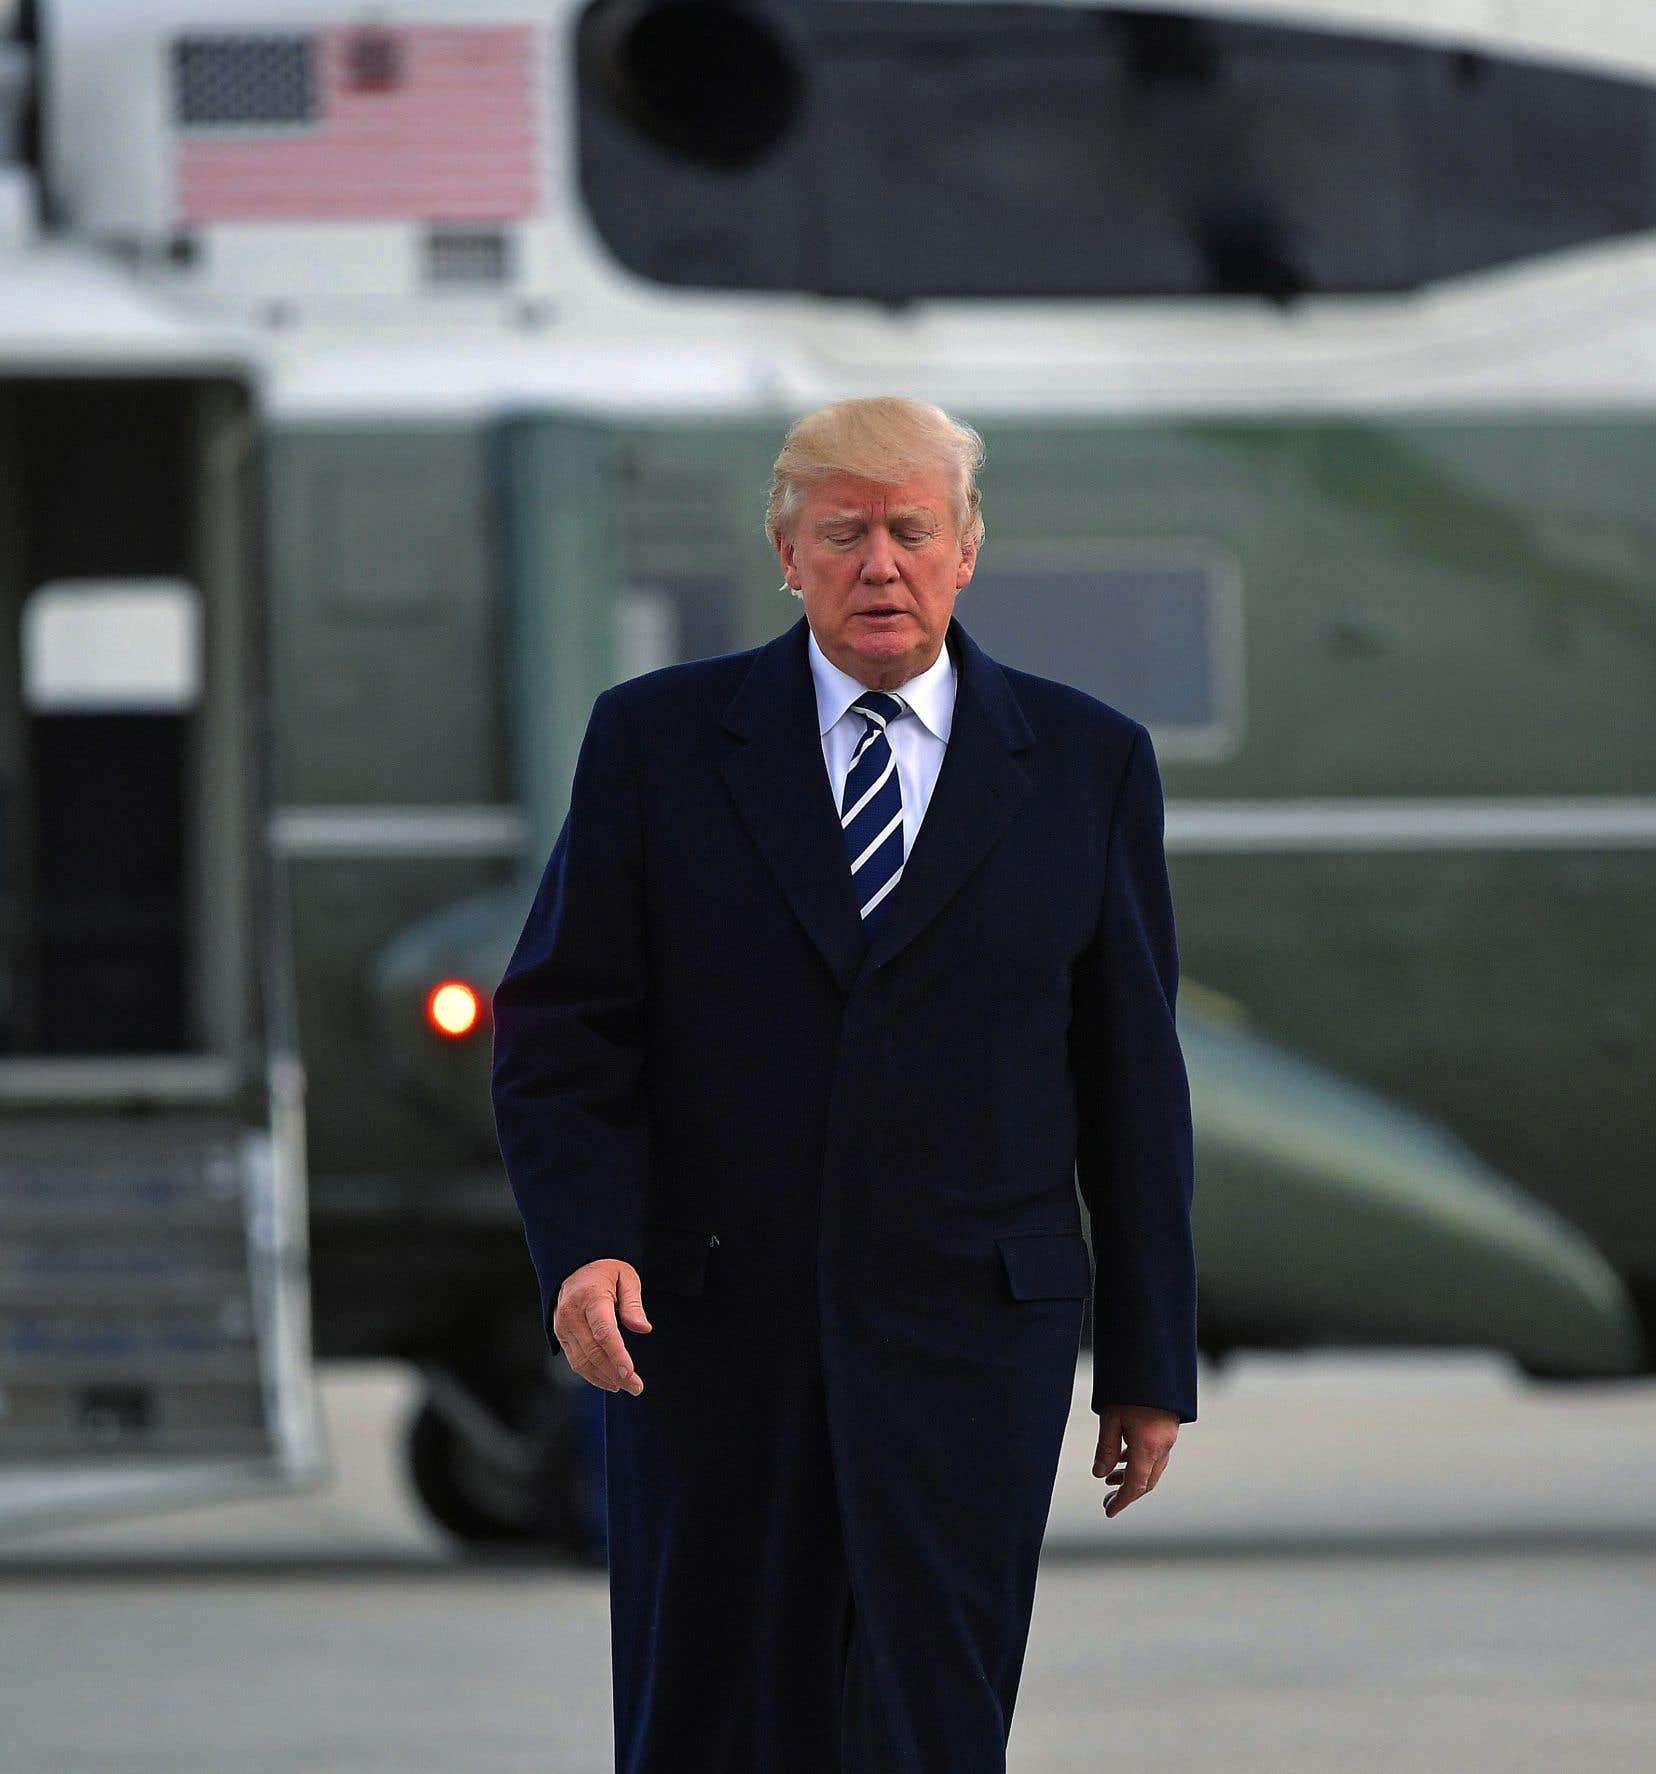 Le procureur spécial Robert Mueller tente de déterminer si l'équipe de campagne du président Trump a comploté avec la Russie pour influencer le résultat des élections de 2016.